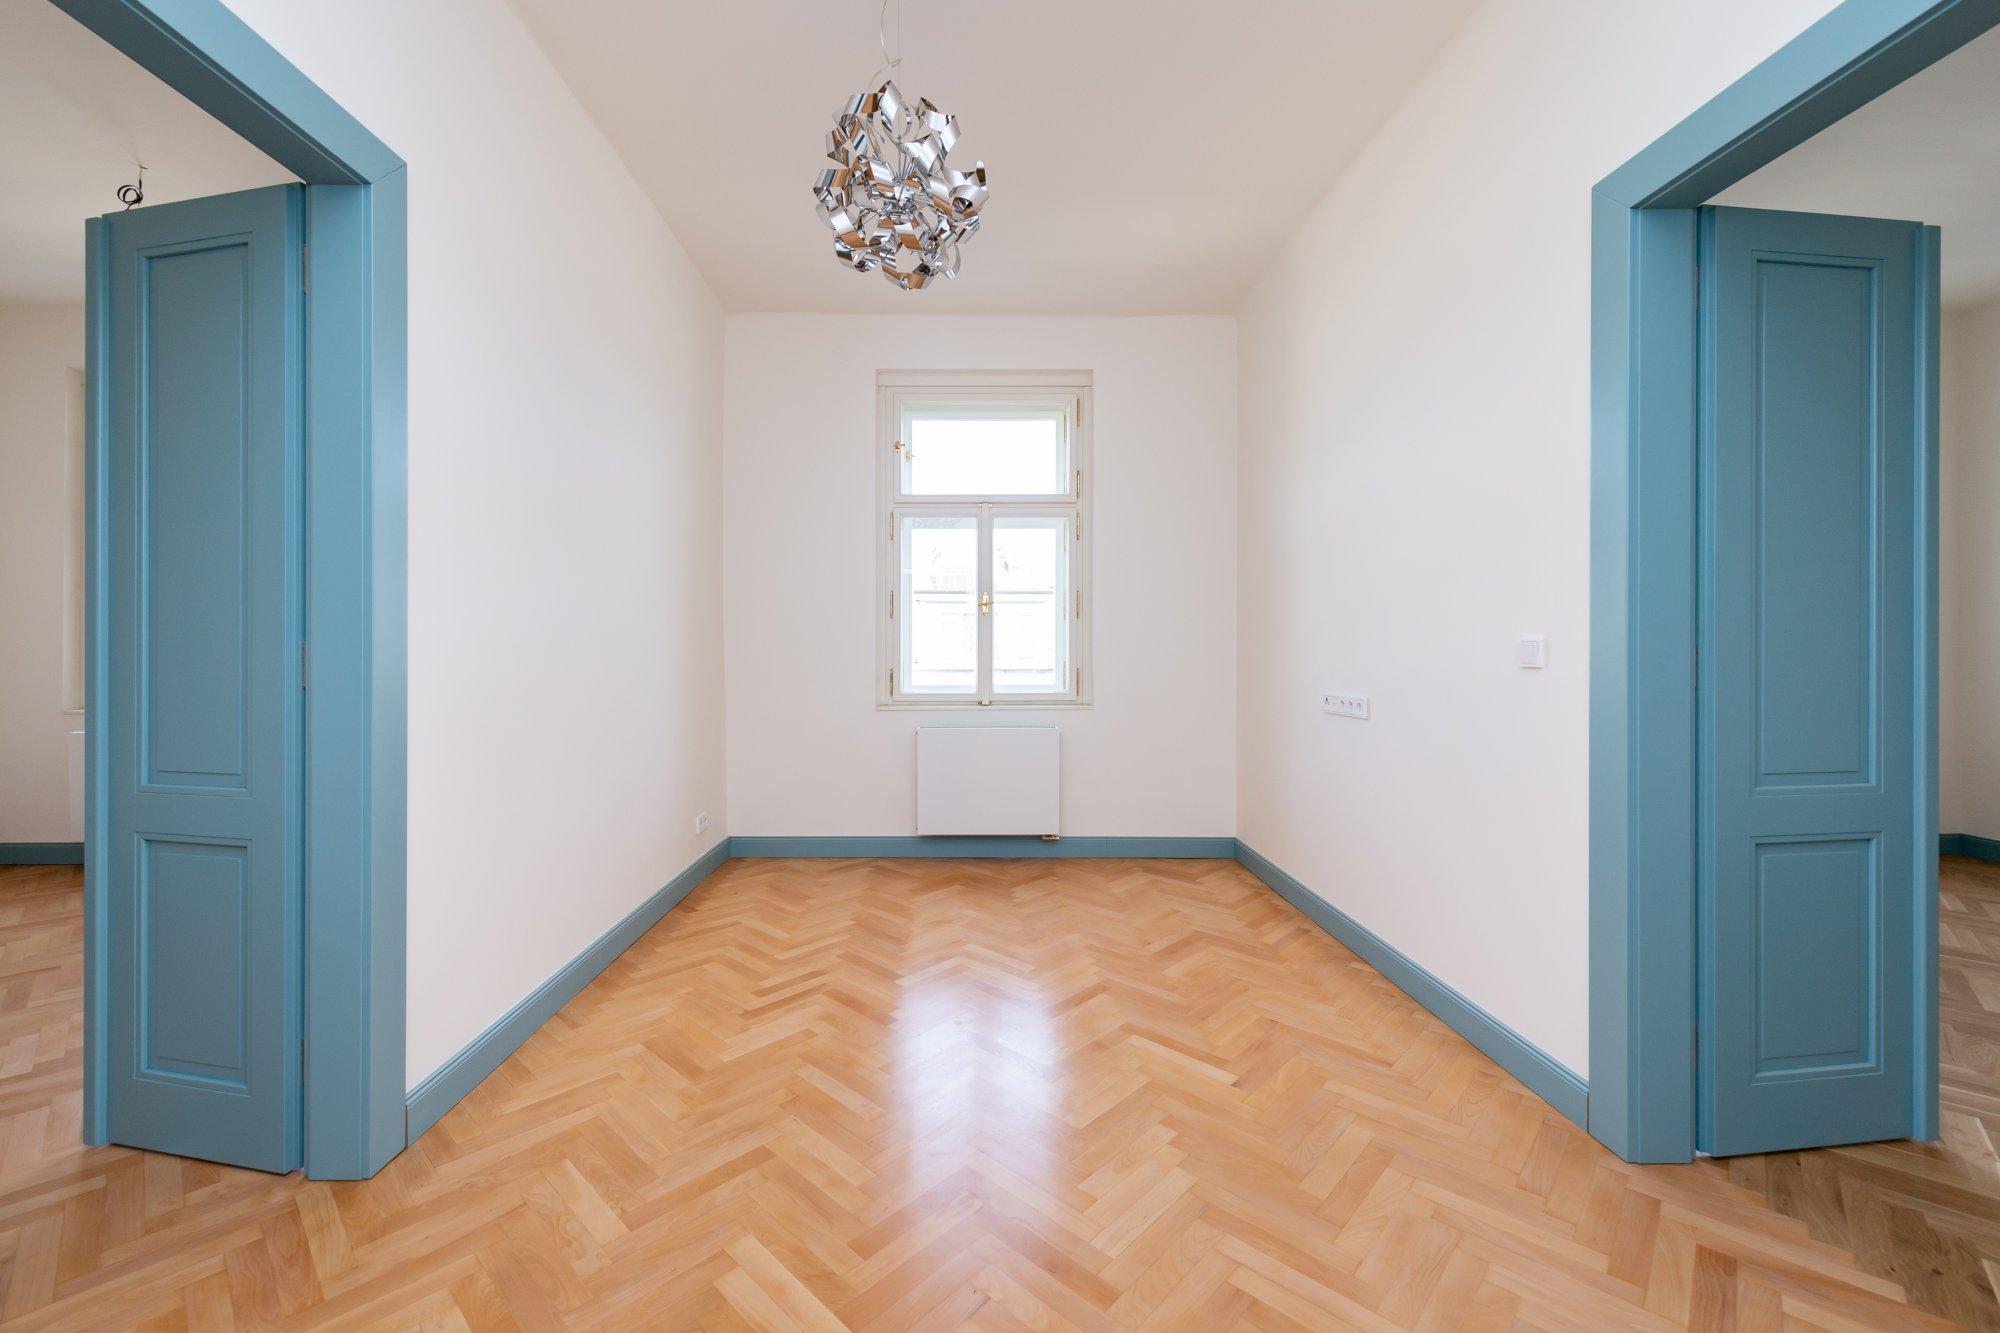 Půdní byt 3+1, plocha 81 m², ulice Petrské náměstí, Praha 1 - Nové Město | 2